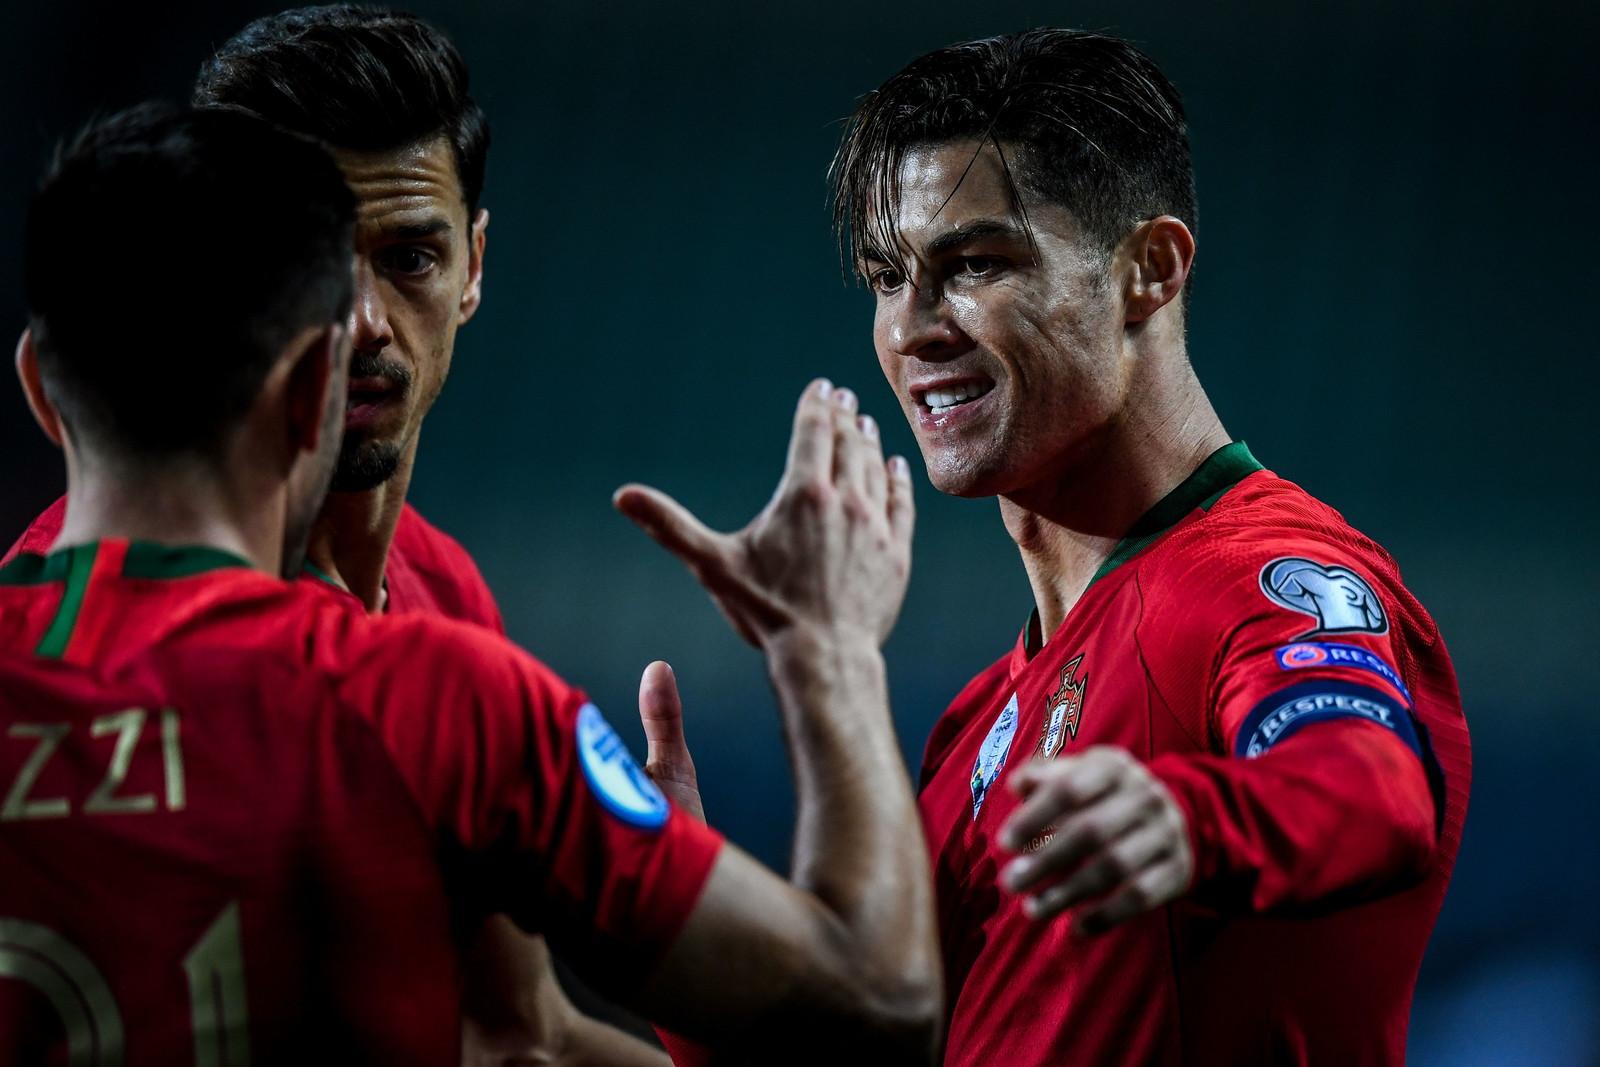 Il portoghese grande protagonista nella sfida contro la Lituania verso Euro 2020: scacciati dubbi e polemiche.